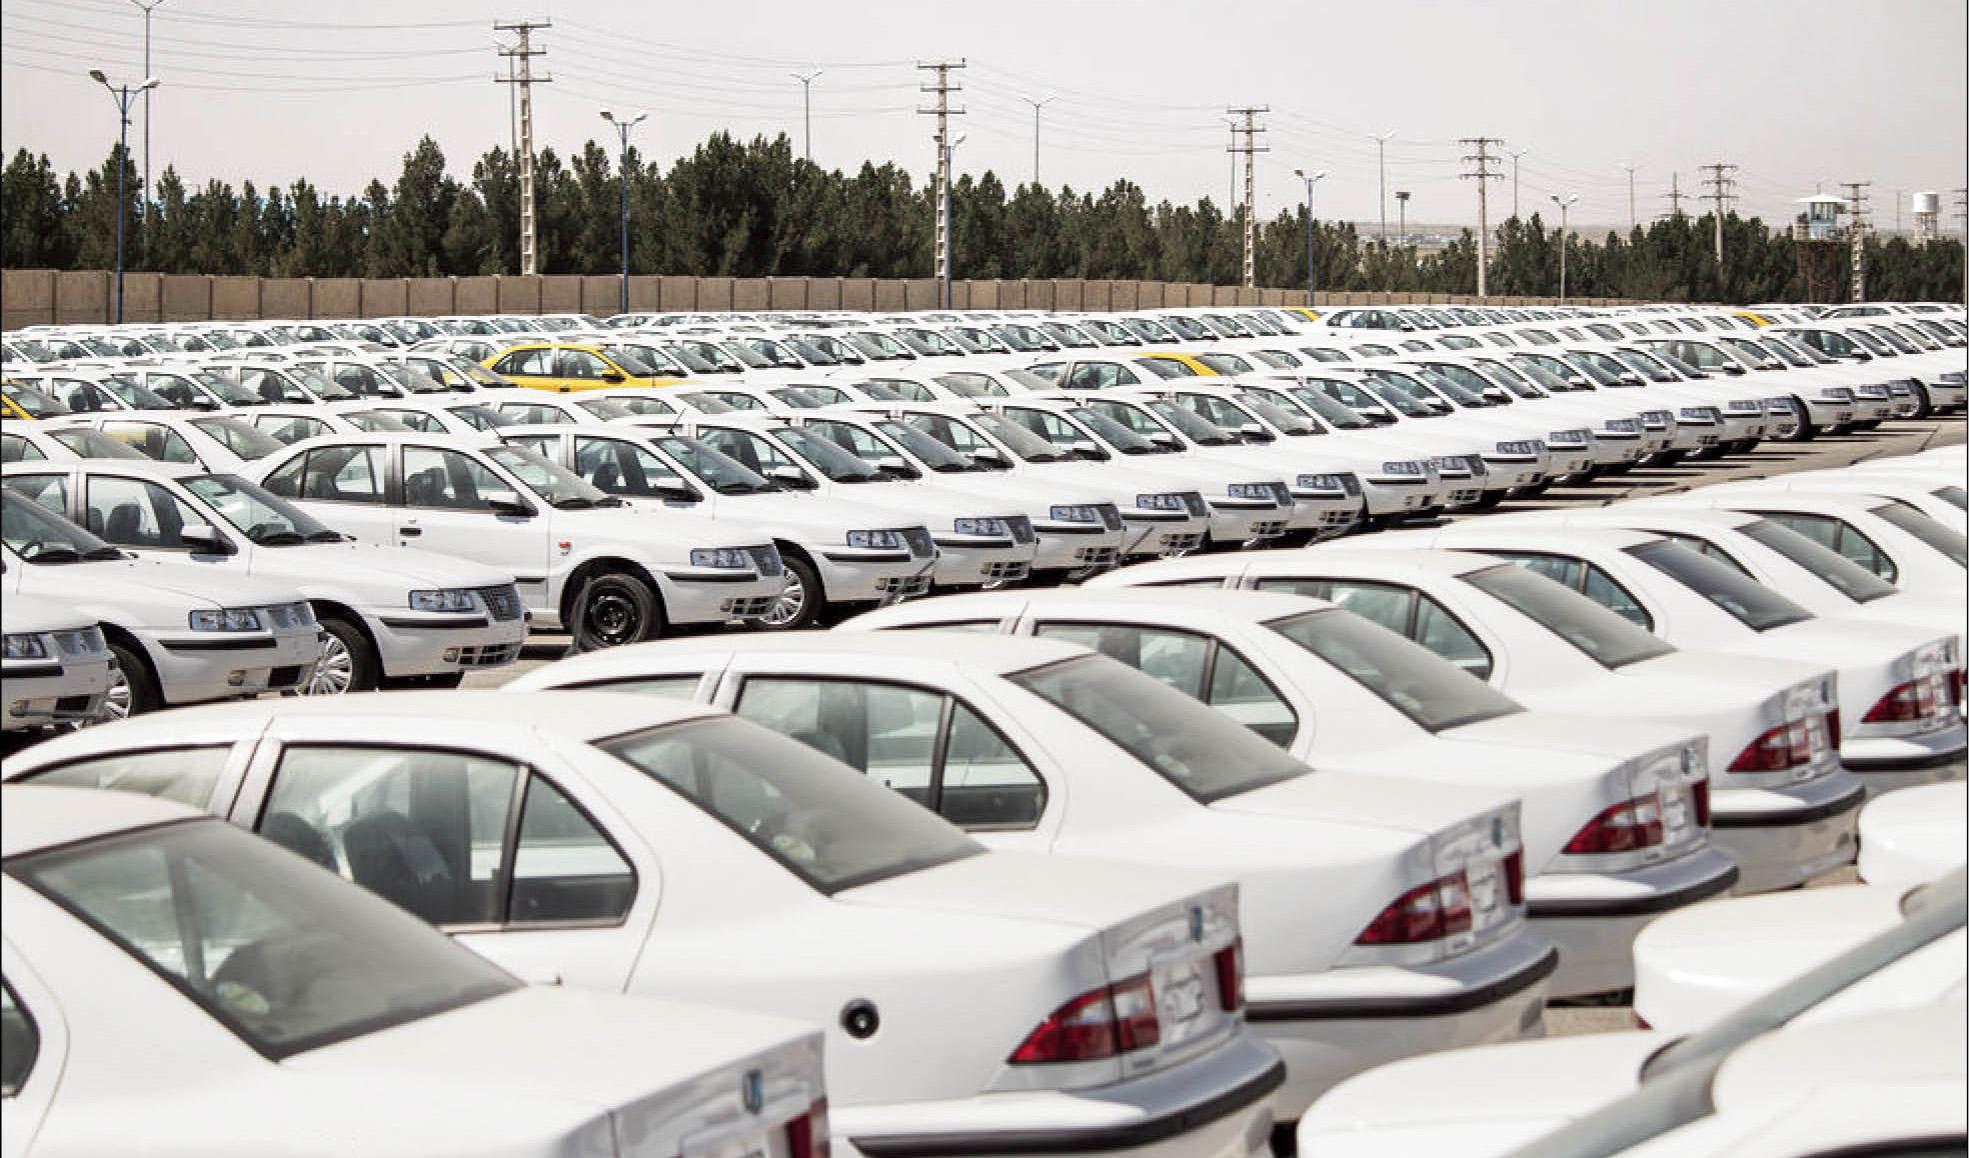 پیش فروش خودرو هیچ تاثیری در قیمت ندارد / تعهدات قبل را انجام دهید